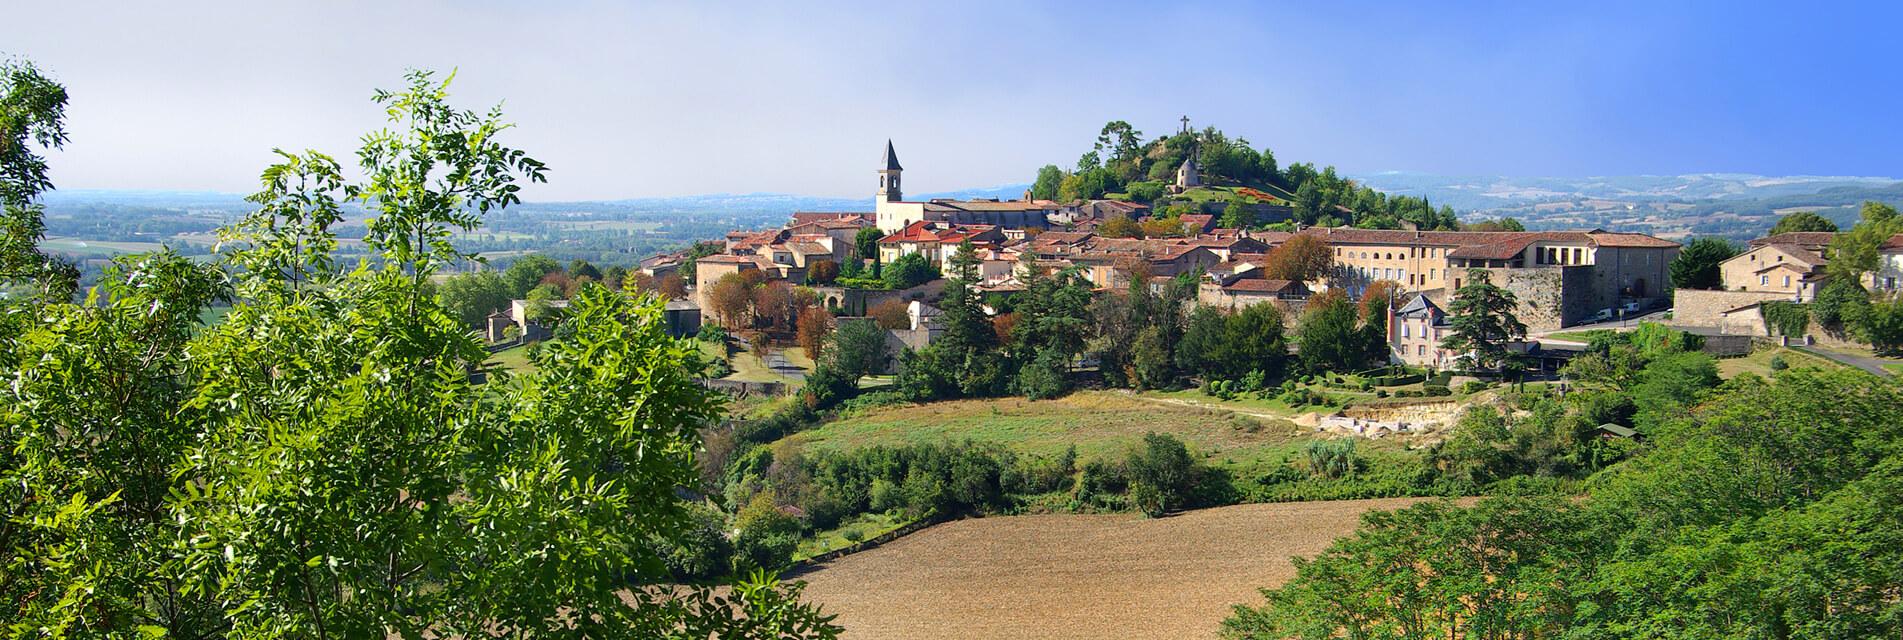 Séjours et Week-ends à Lautrec dans le Tarn en Occitanie